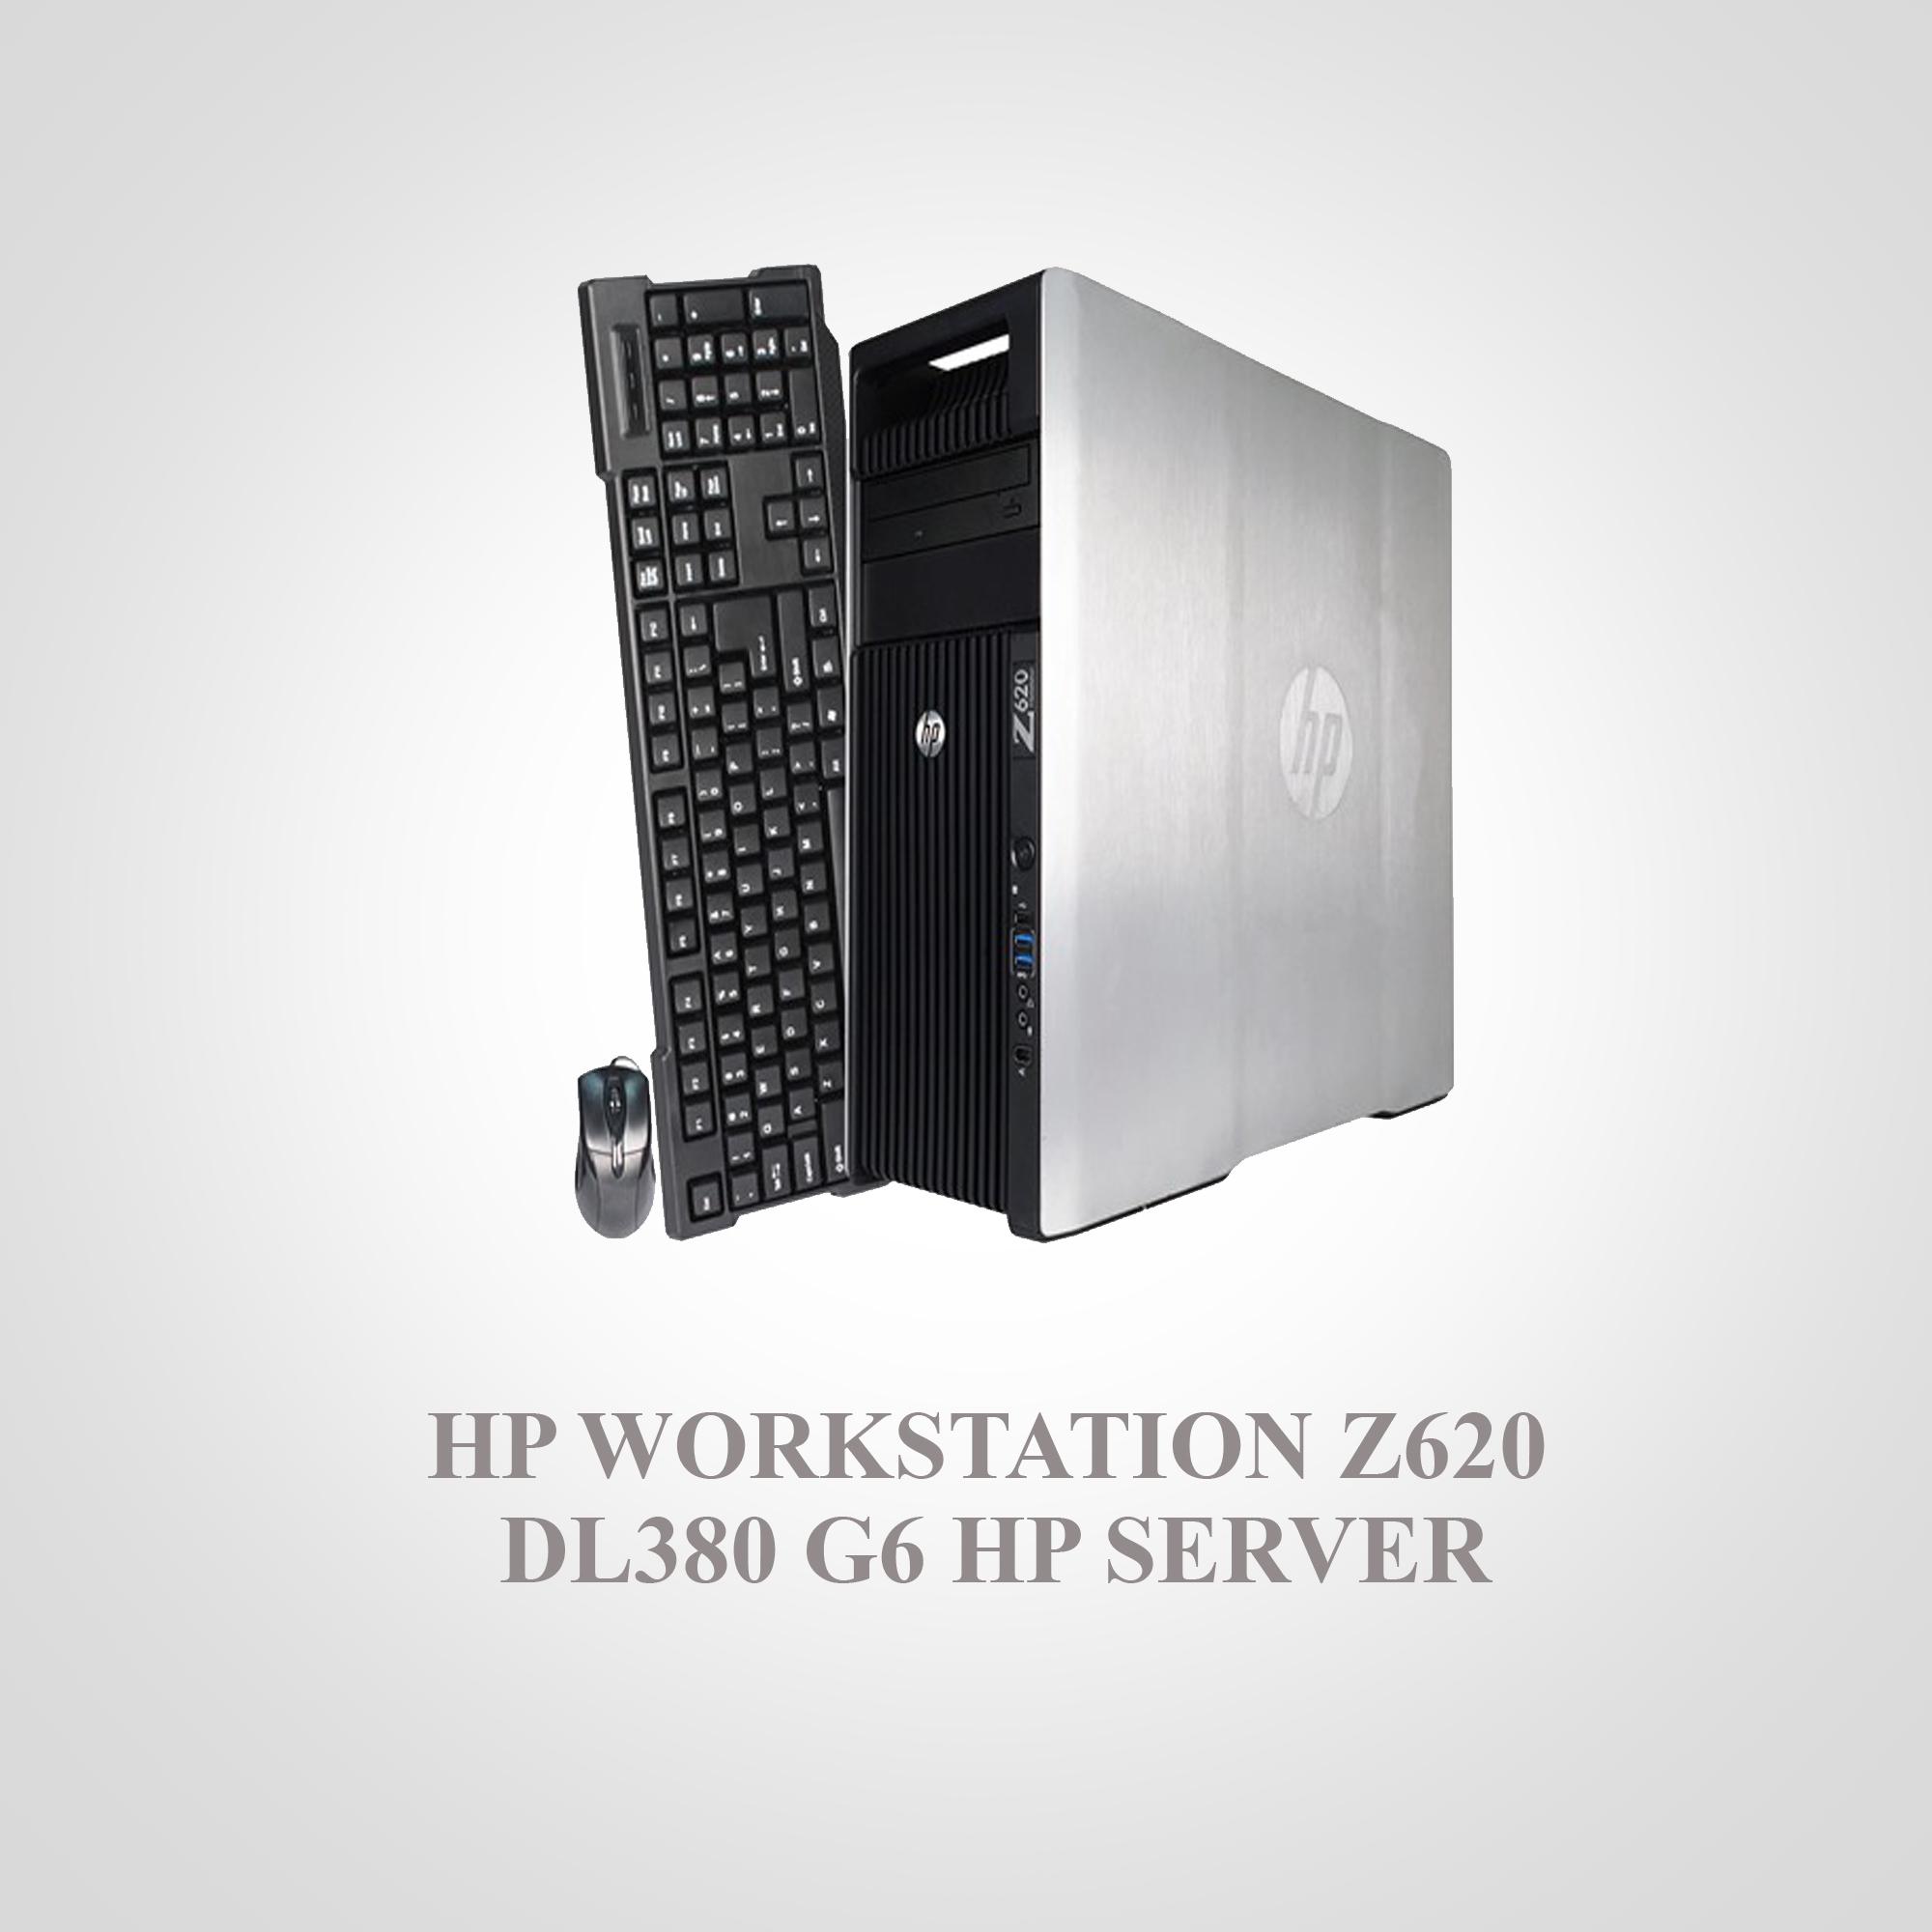 قیمت کیس رندرینگ HP Workstation Z620